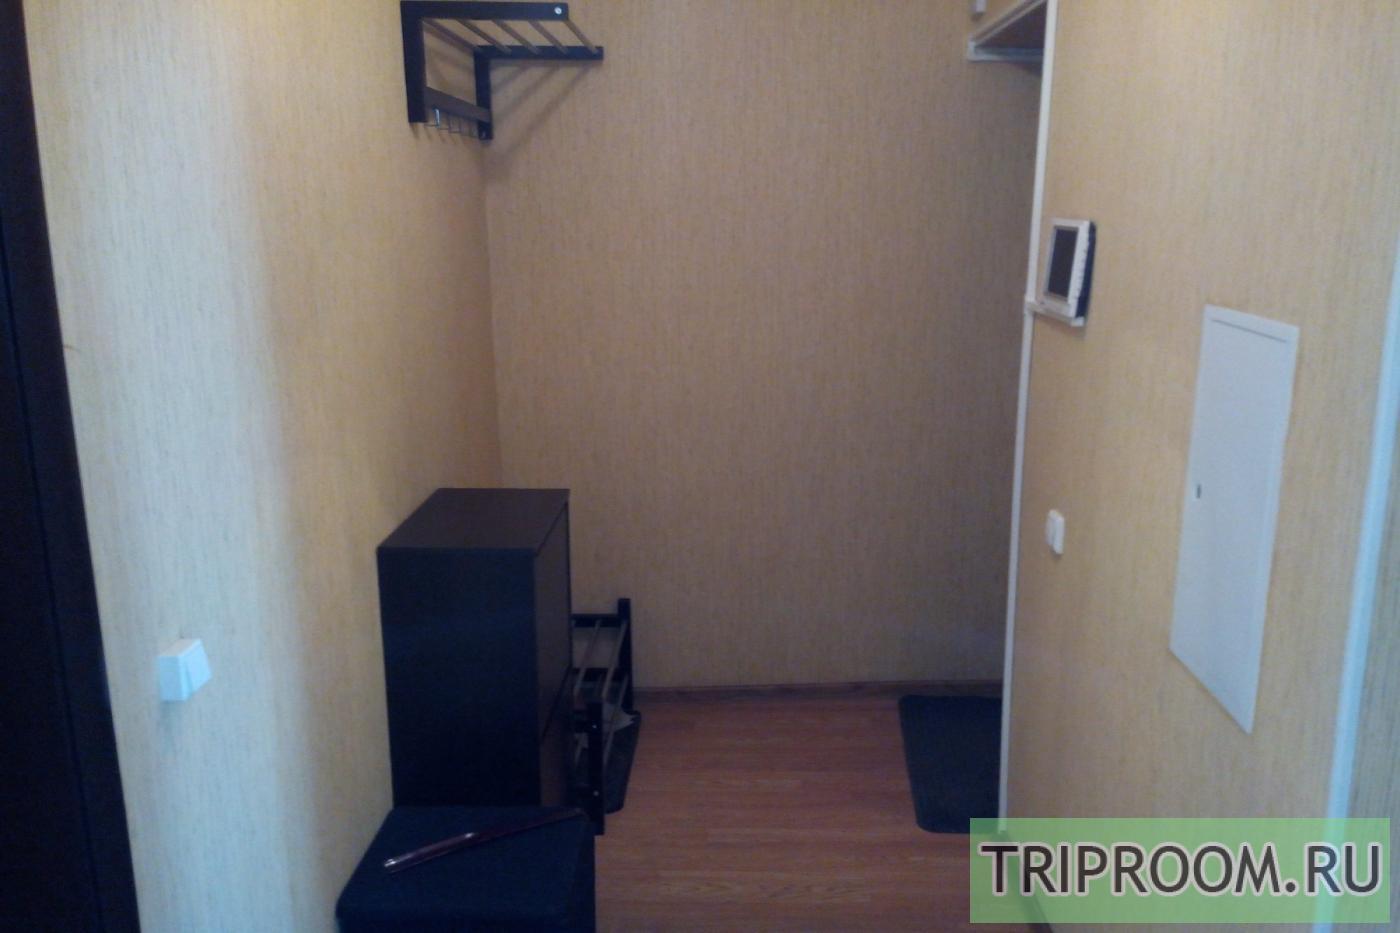 1-комнатная квартира посуточно (вариант № 5966), ул. Гоголя улица, фото № 23